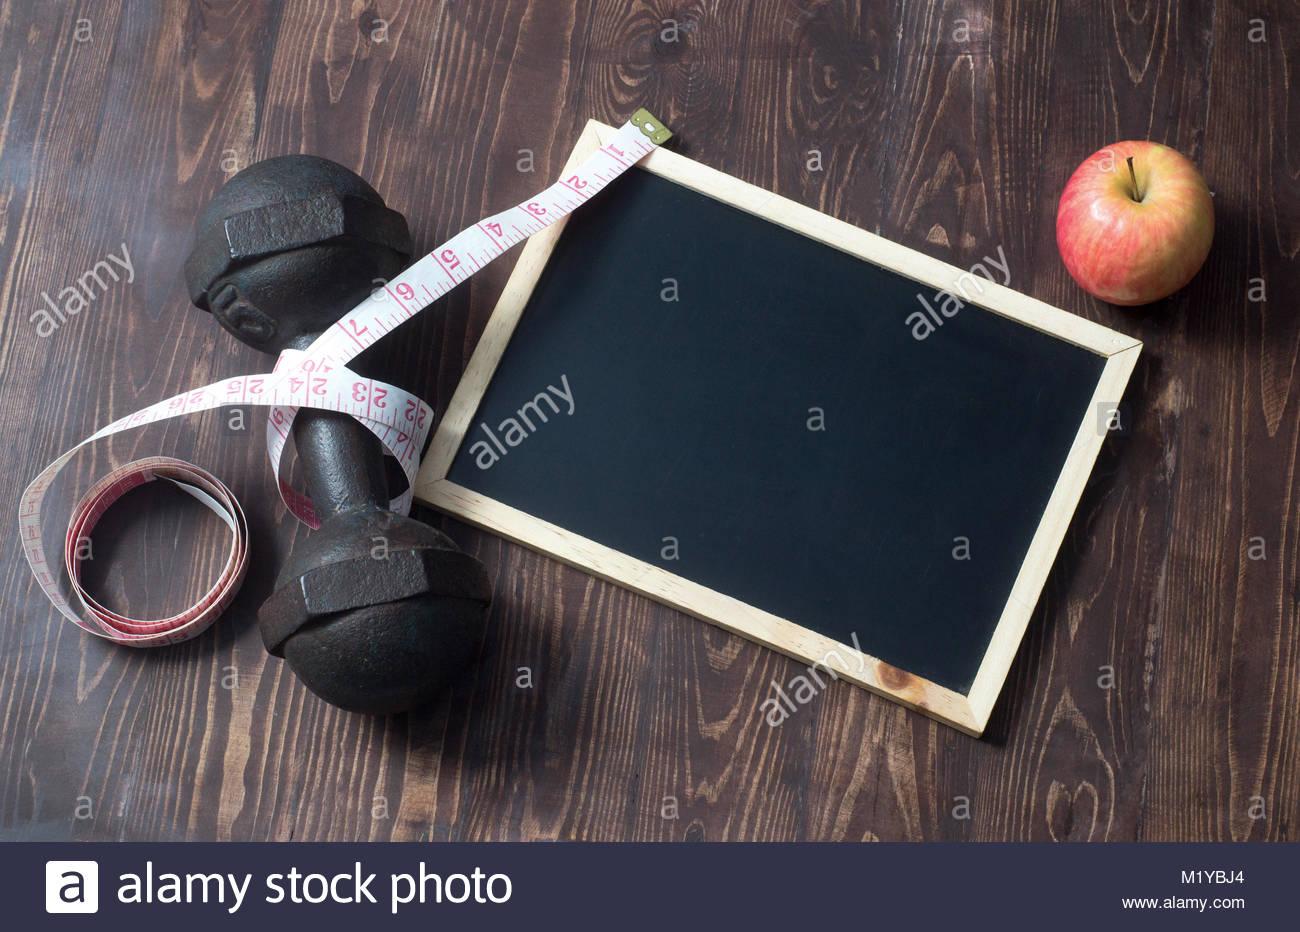 Les fruits destinés à la perte de poids, un ruban à mesurer, l'alimentation Photo Stock